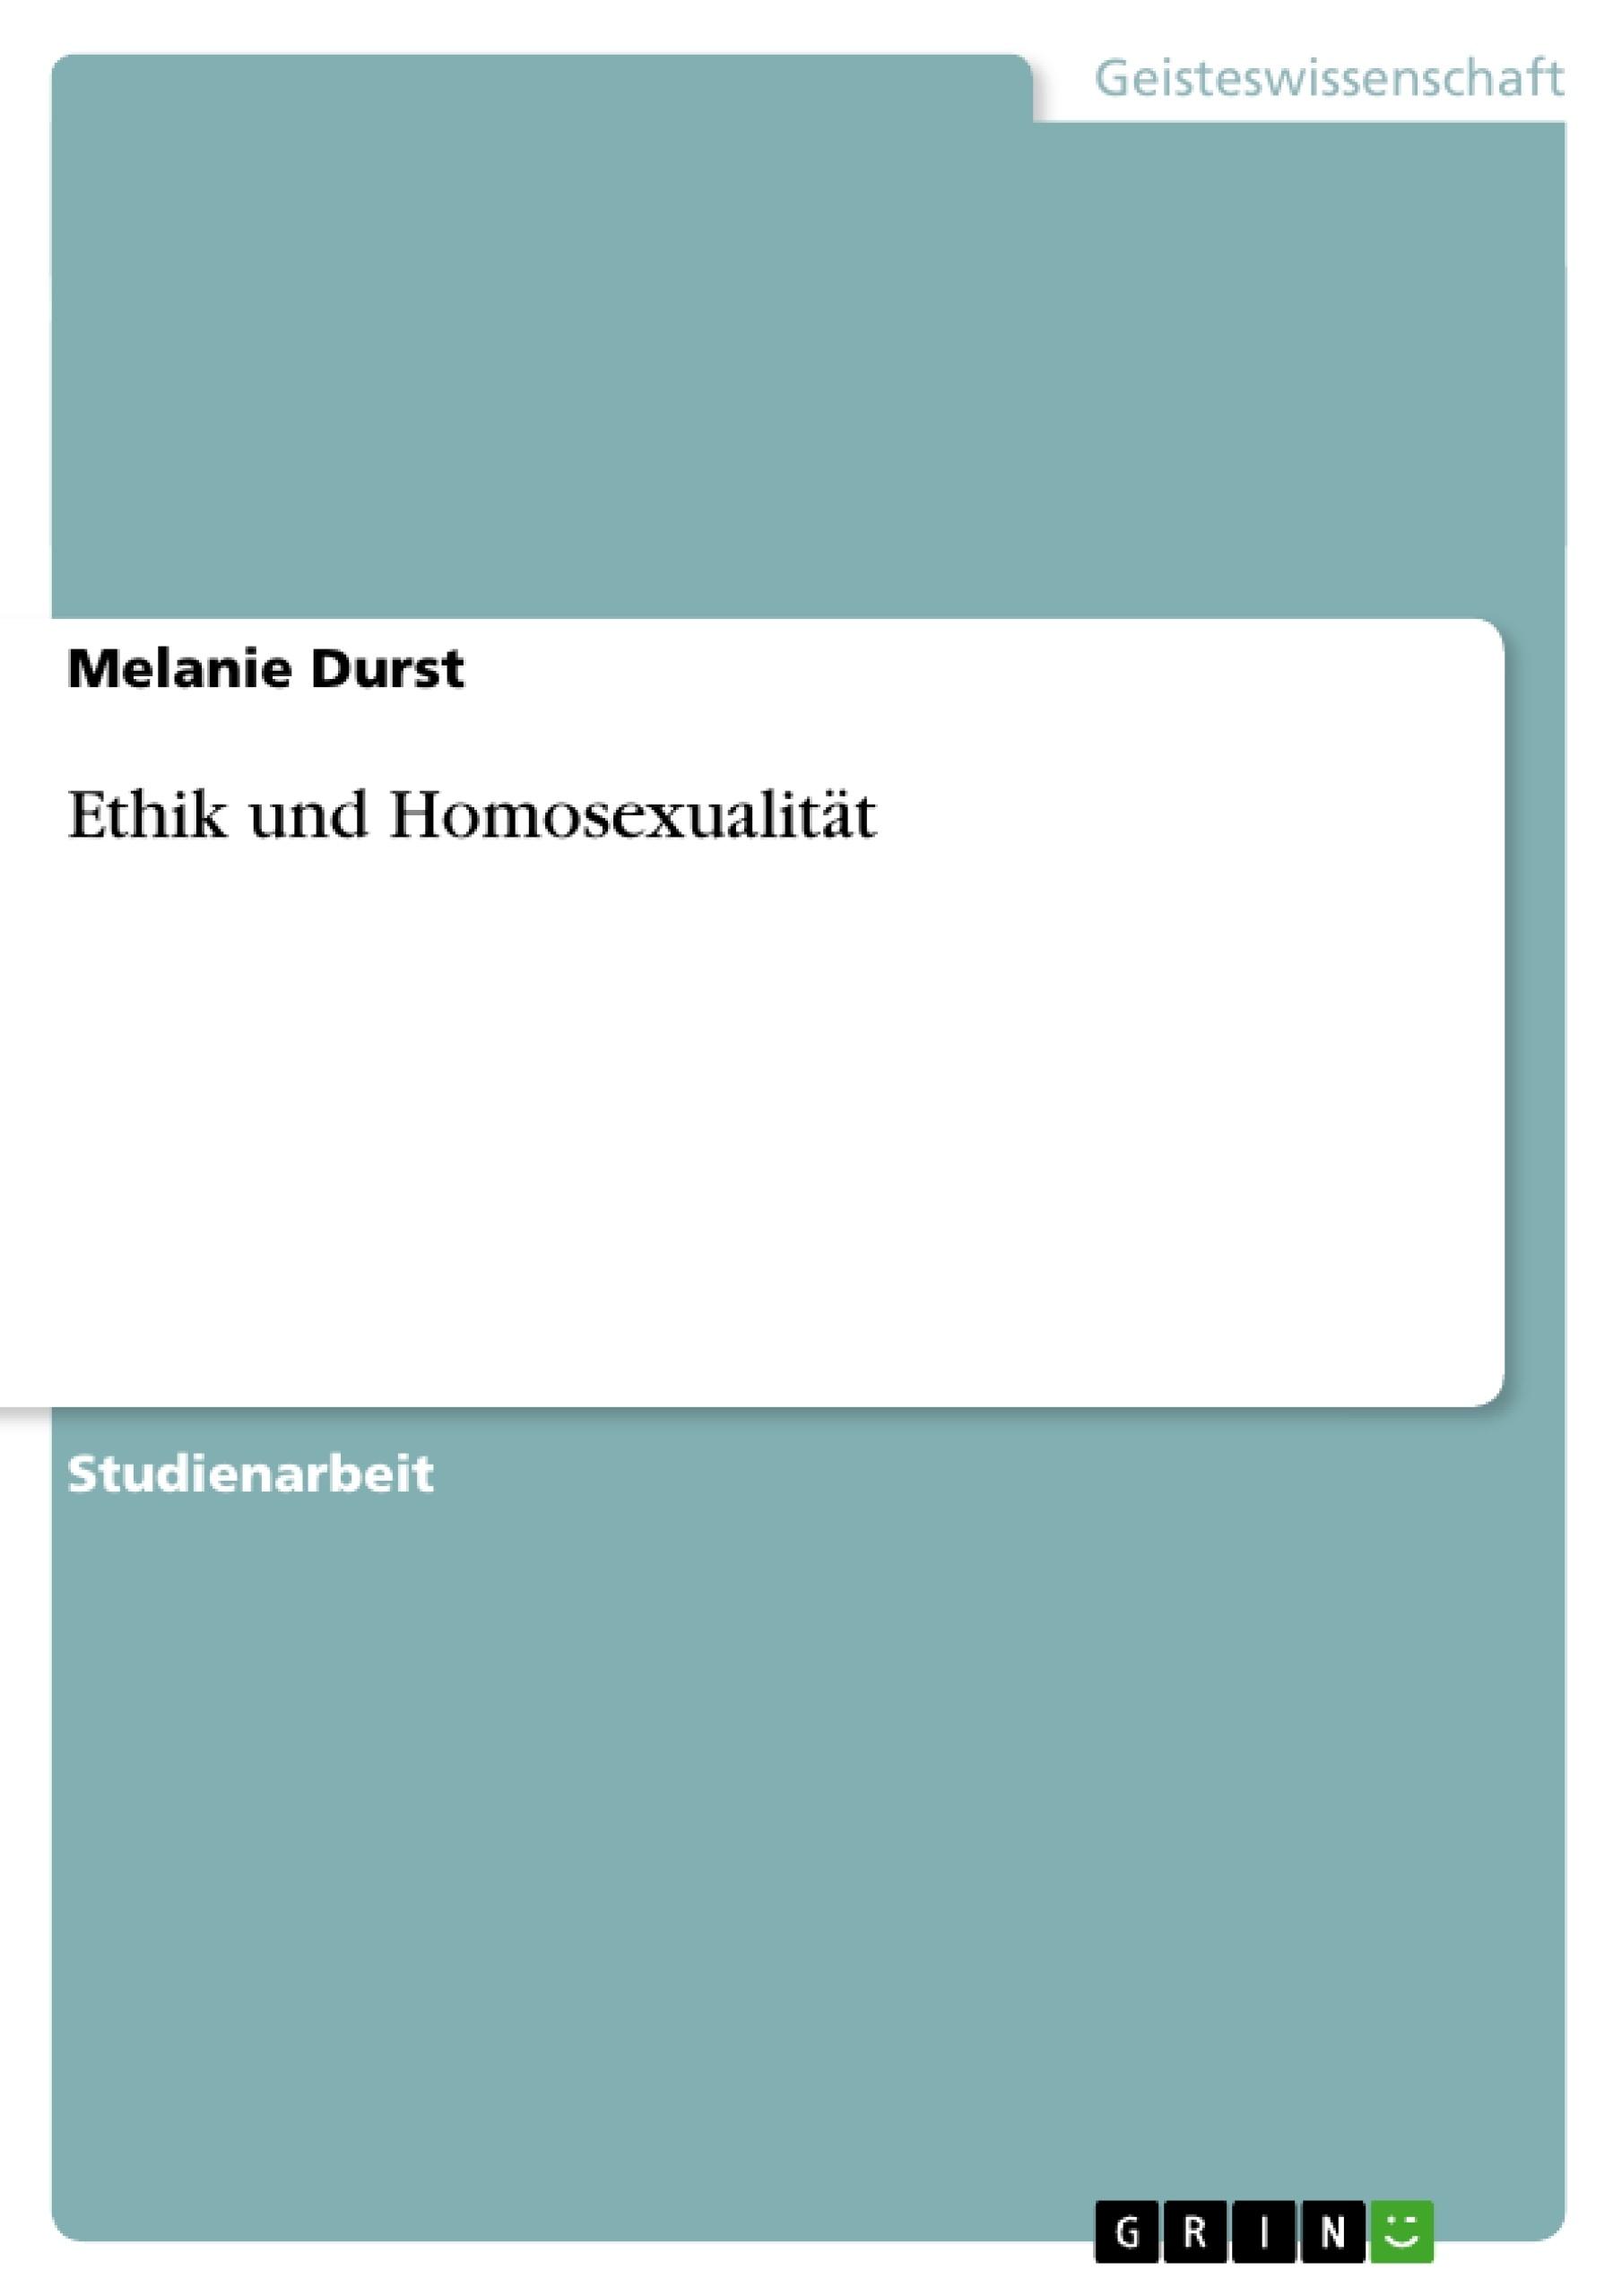 ETHISCHE PROBLEME HOMOSEXUALITÄT